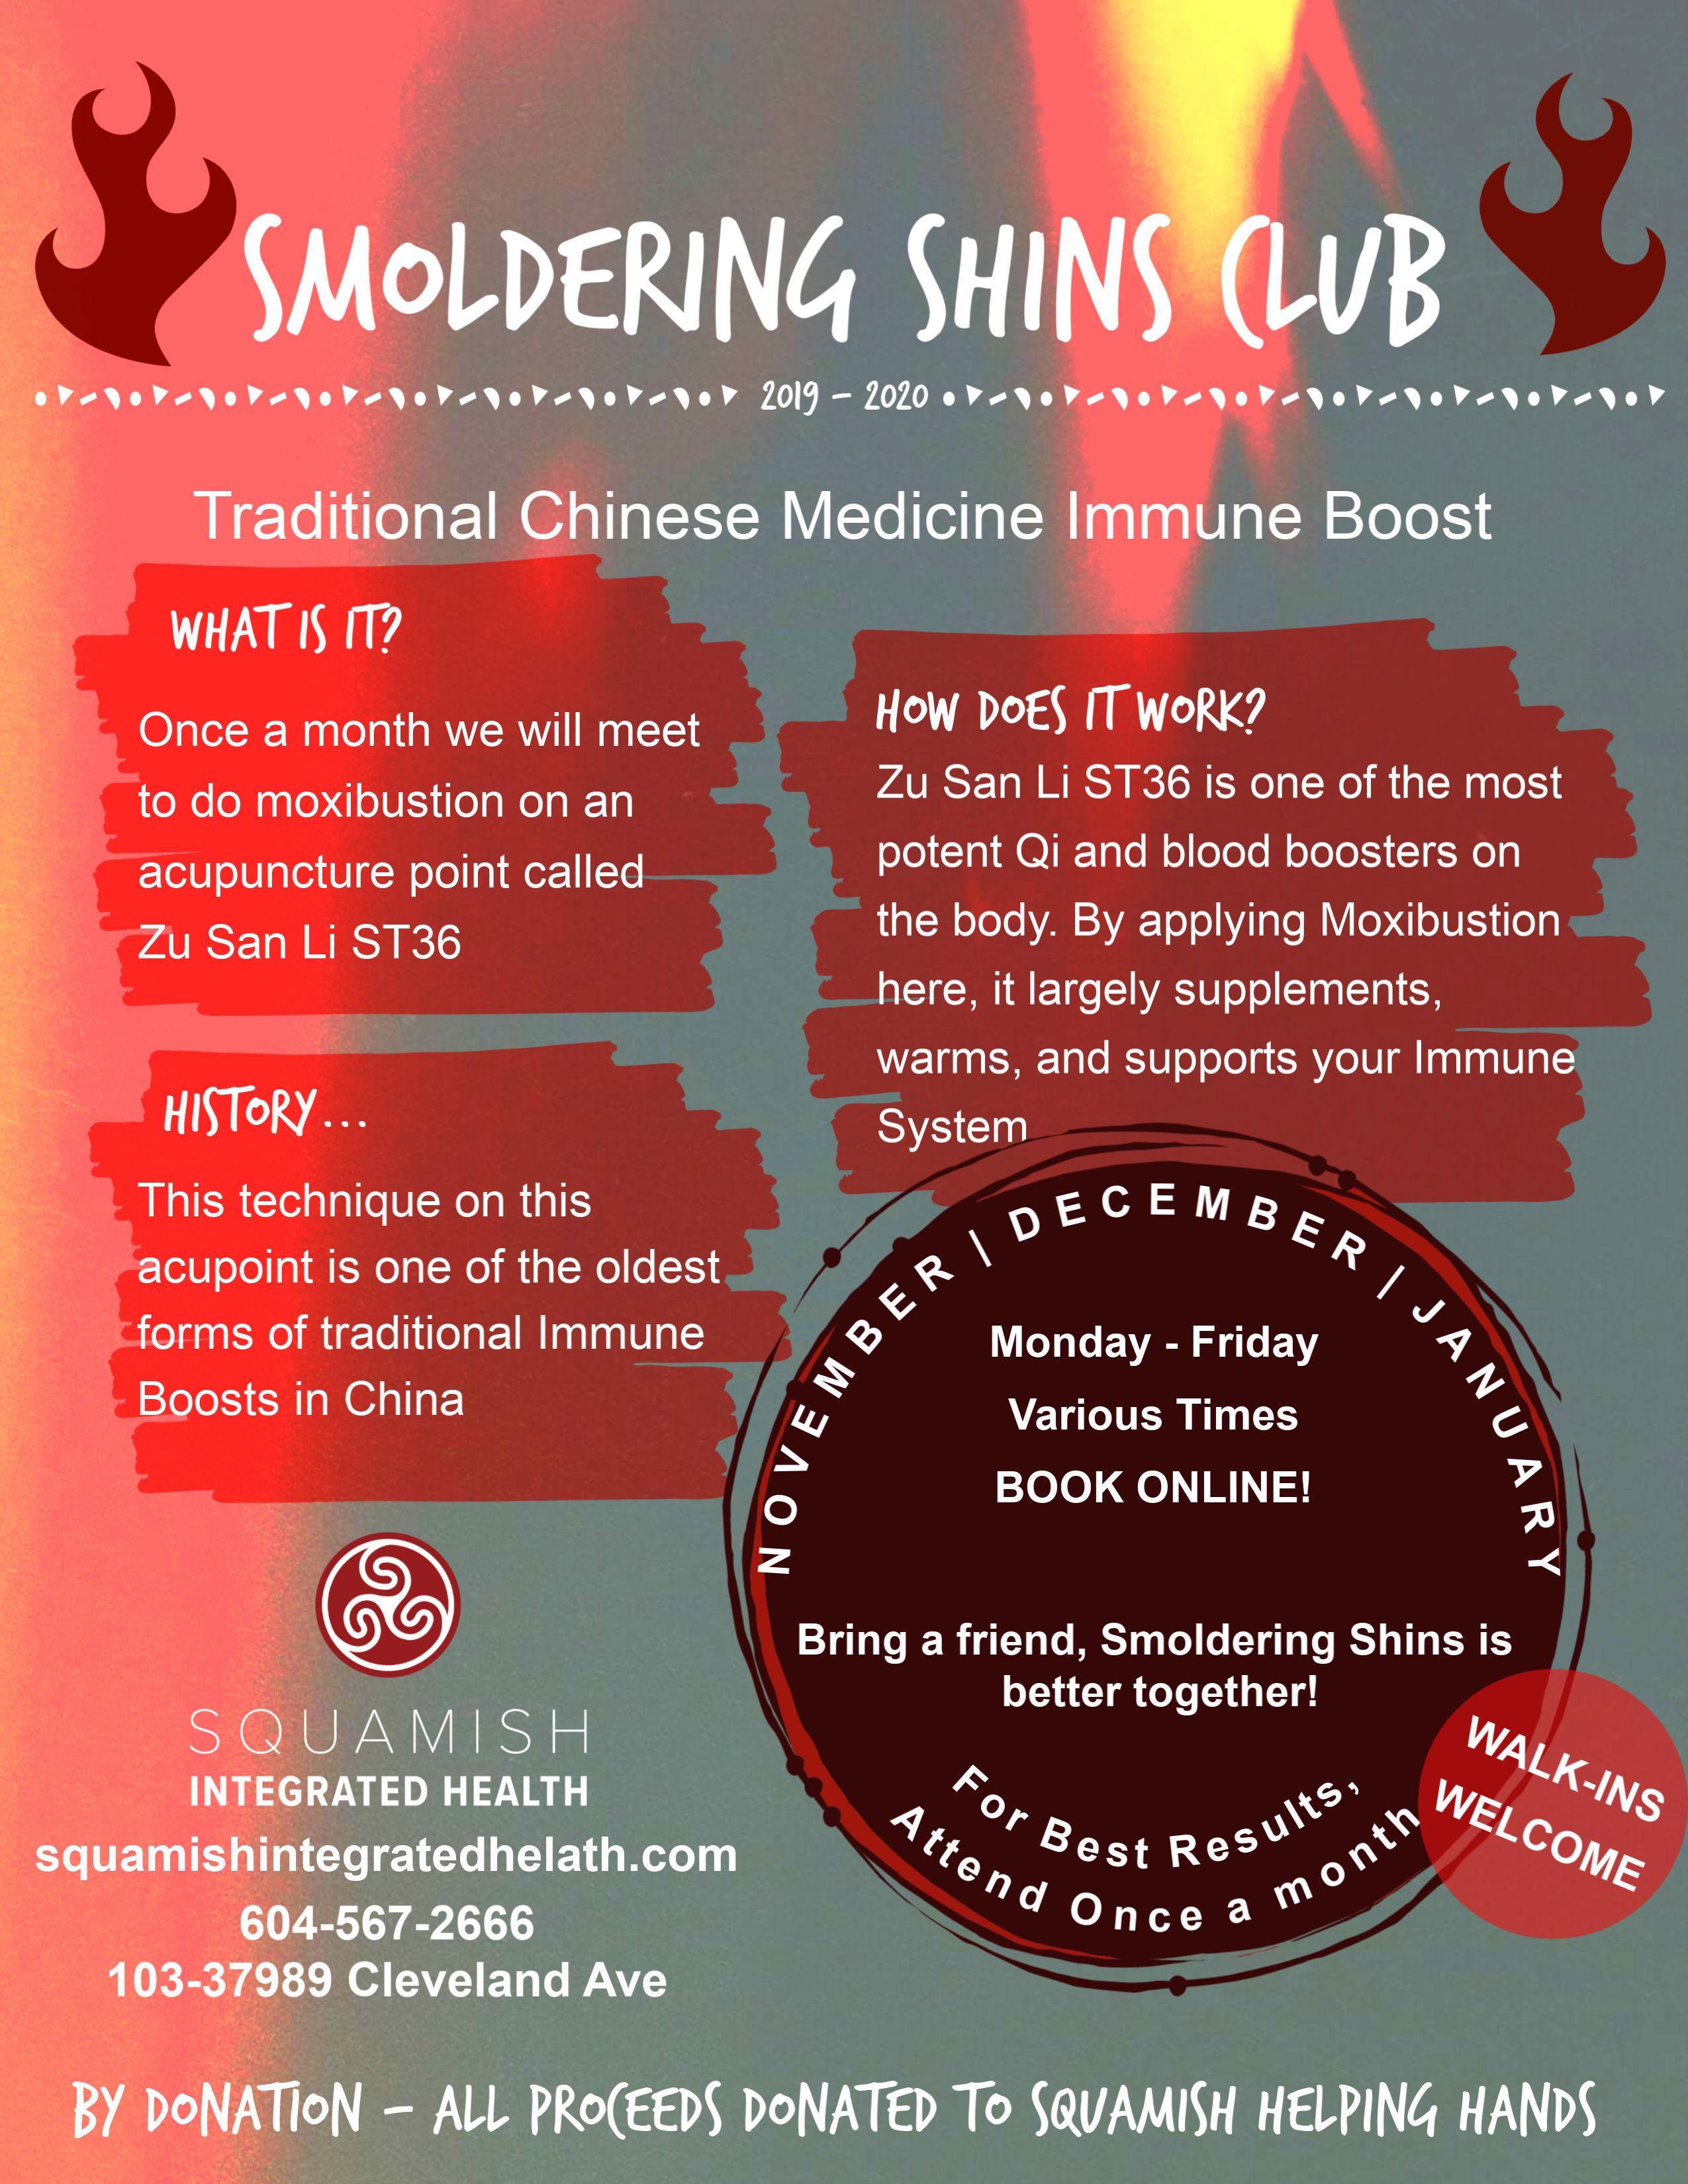 Smoldering Shins Club